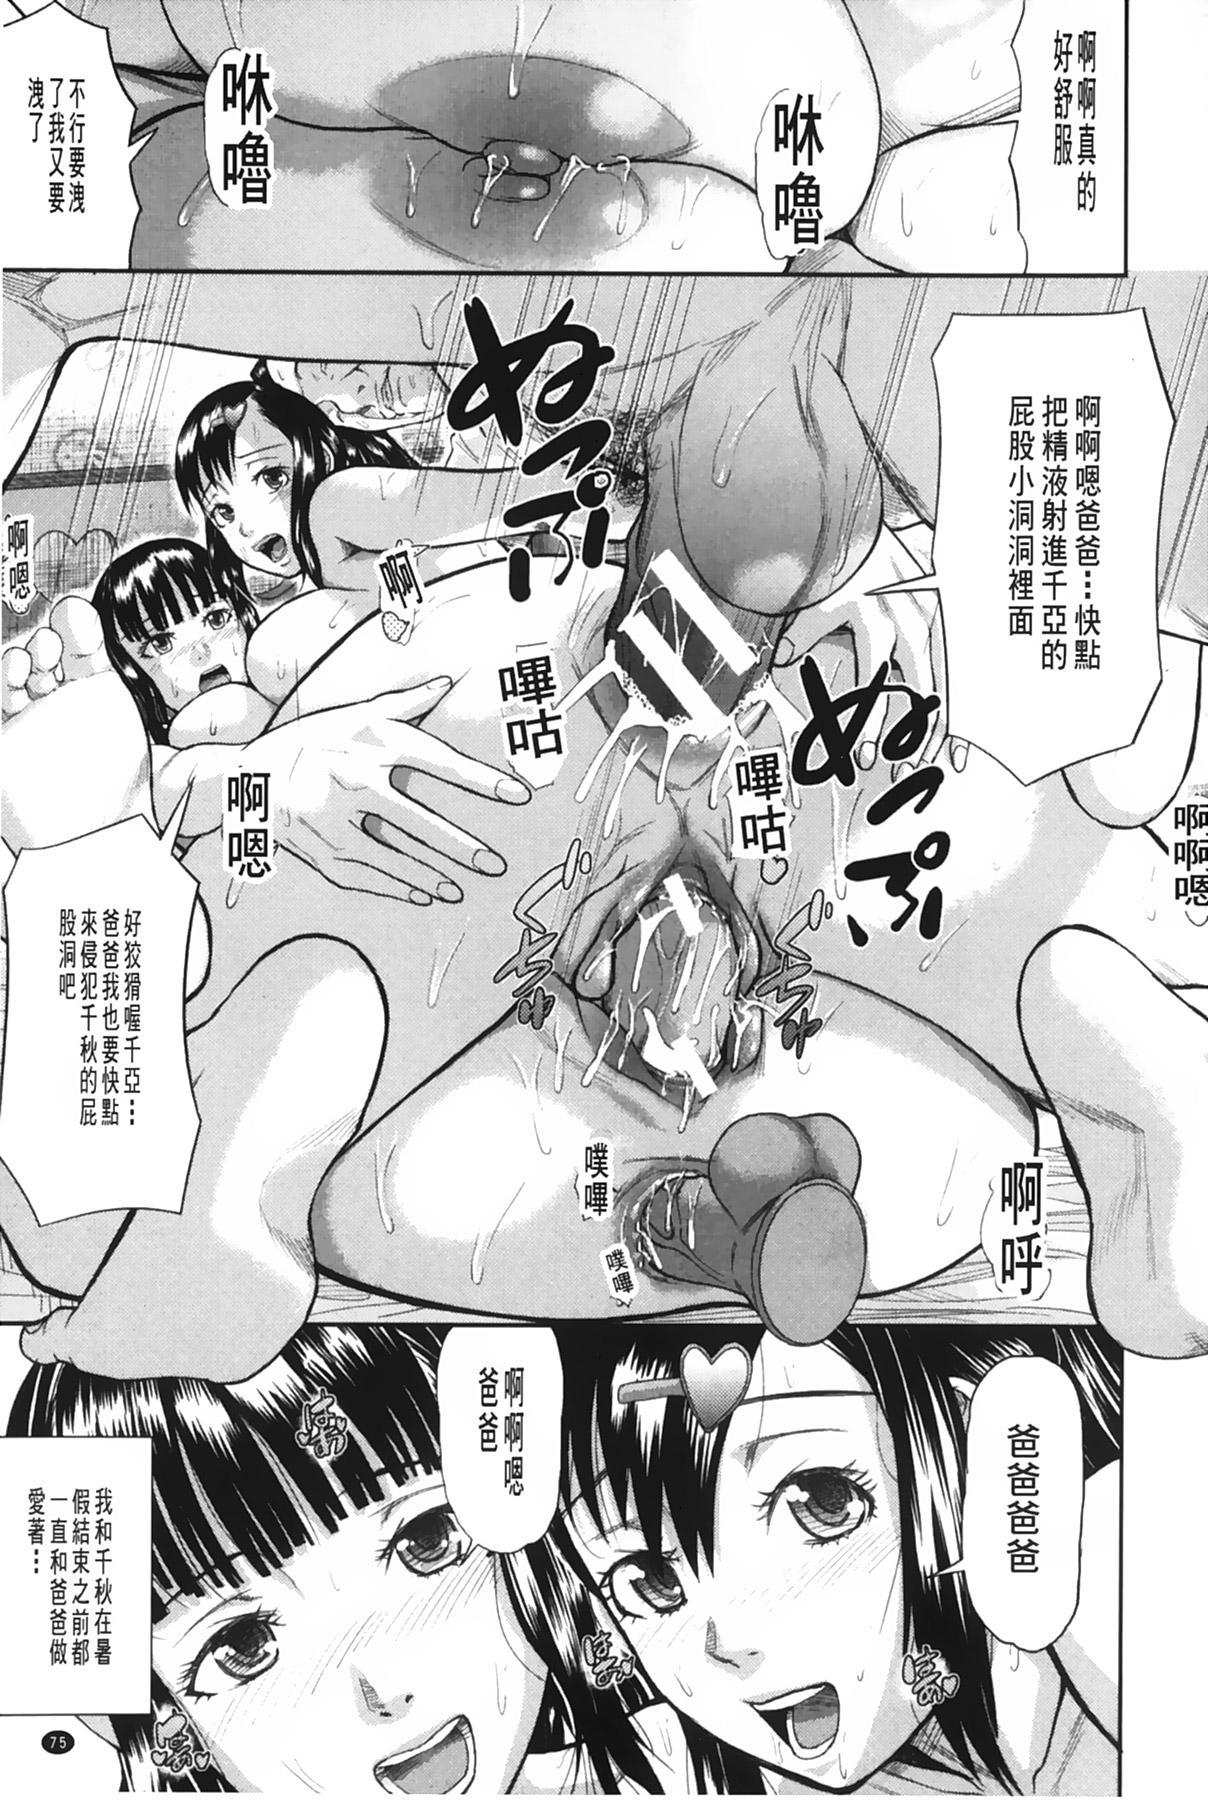 [Honebuto Danshaku] Onna Jigoku Niku no Tsubo~Hentai Rui Inran Ka Mesu Buta Ichidaiki~ | 女地獄、肉之壺 ~変態類淫乱科淫母豬一代記~ [Chinese] 75